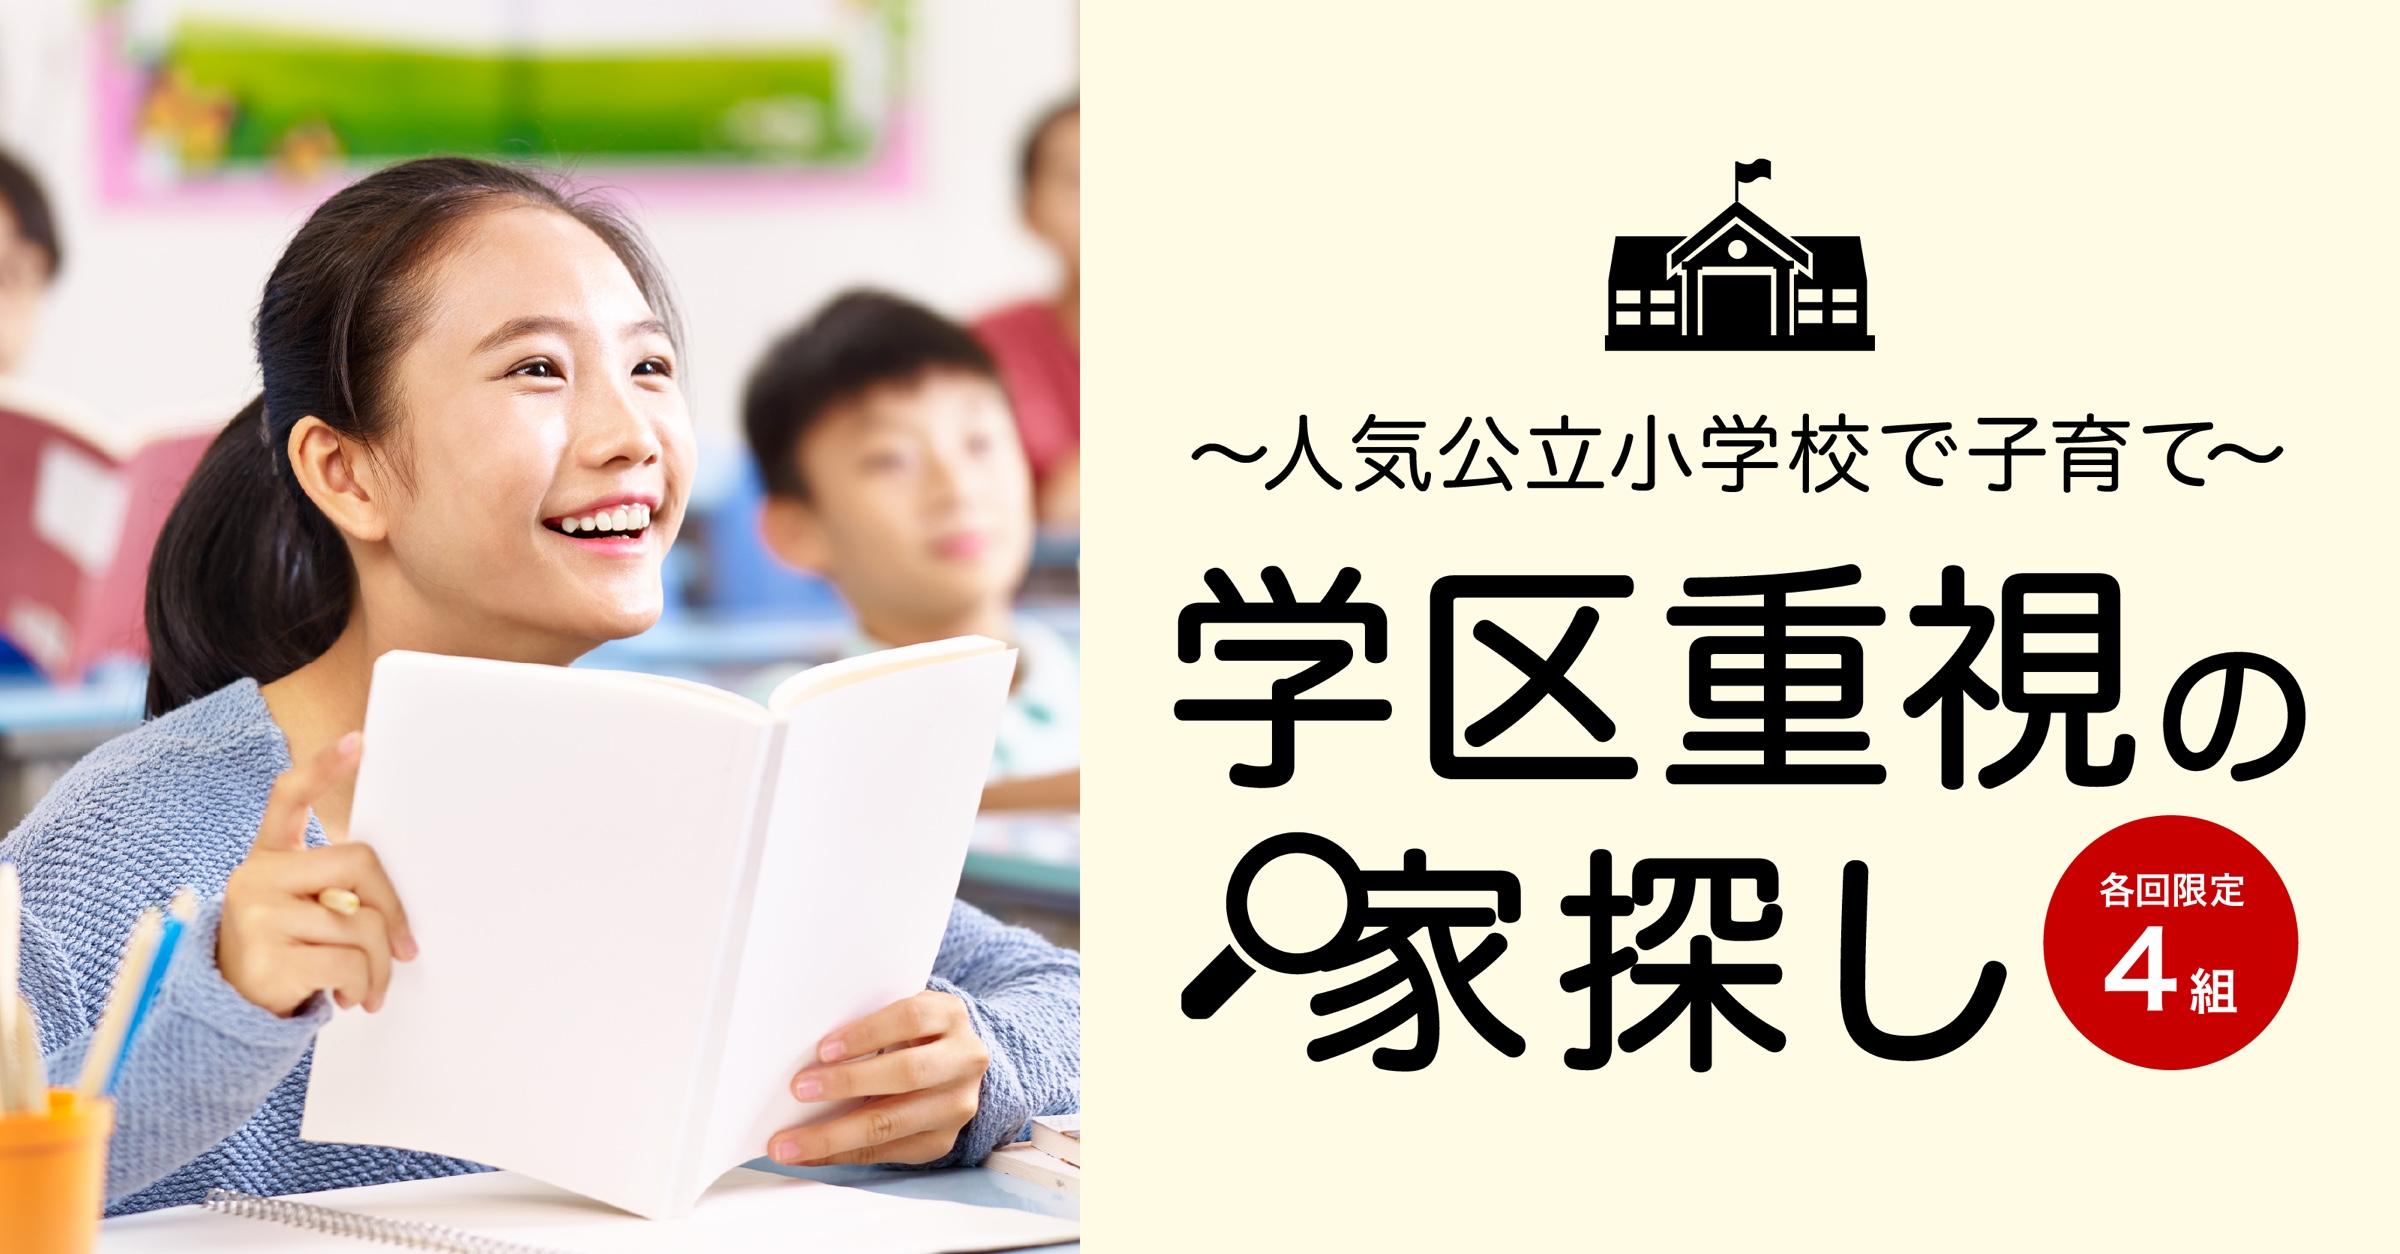 8月のカウルゼミは「学区重視の家探し」〜人気公立小学校で子育て〜